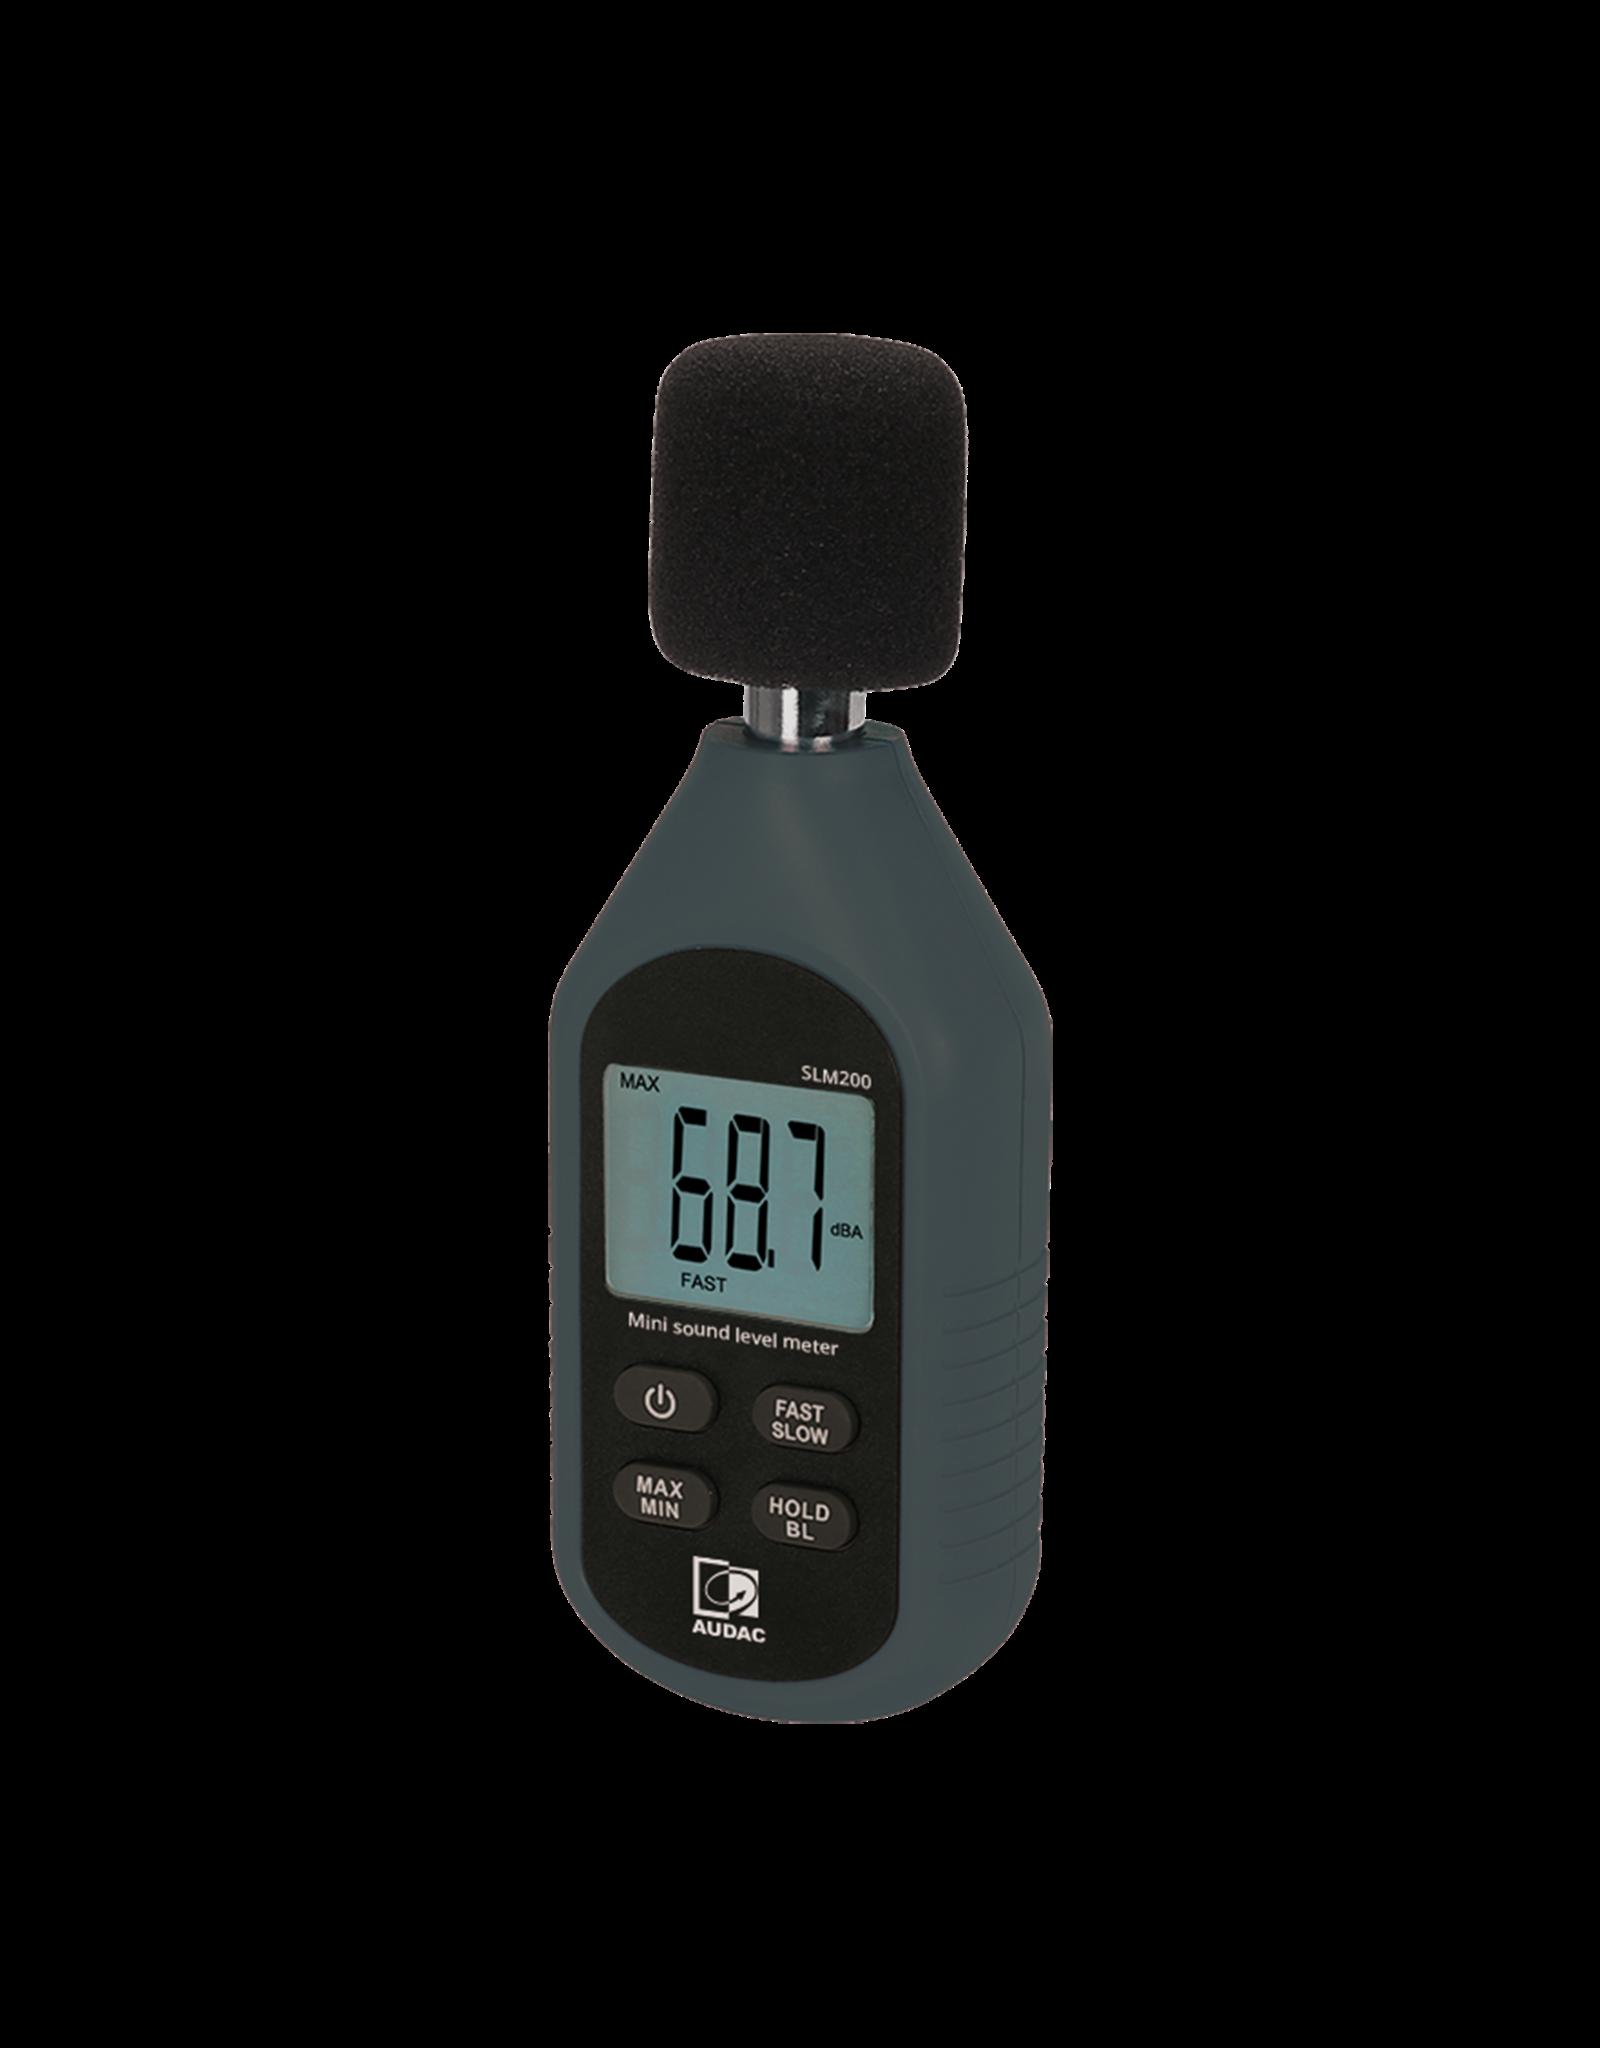 Audac Mini sound level meter